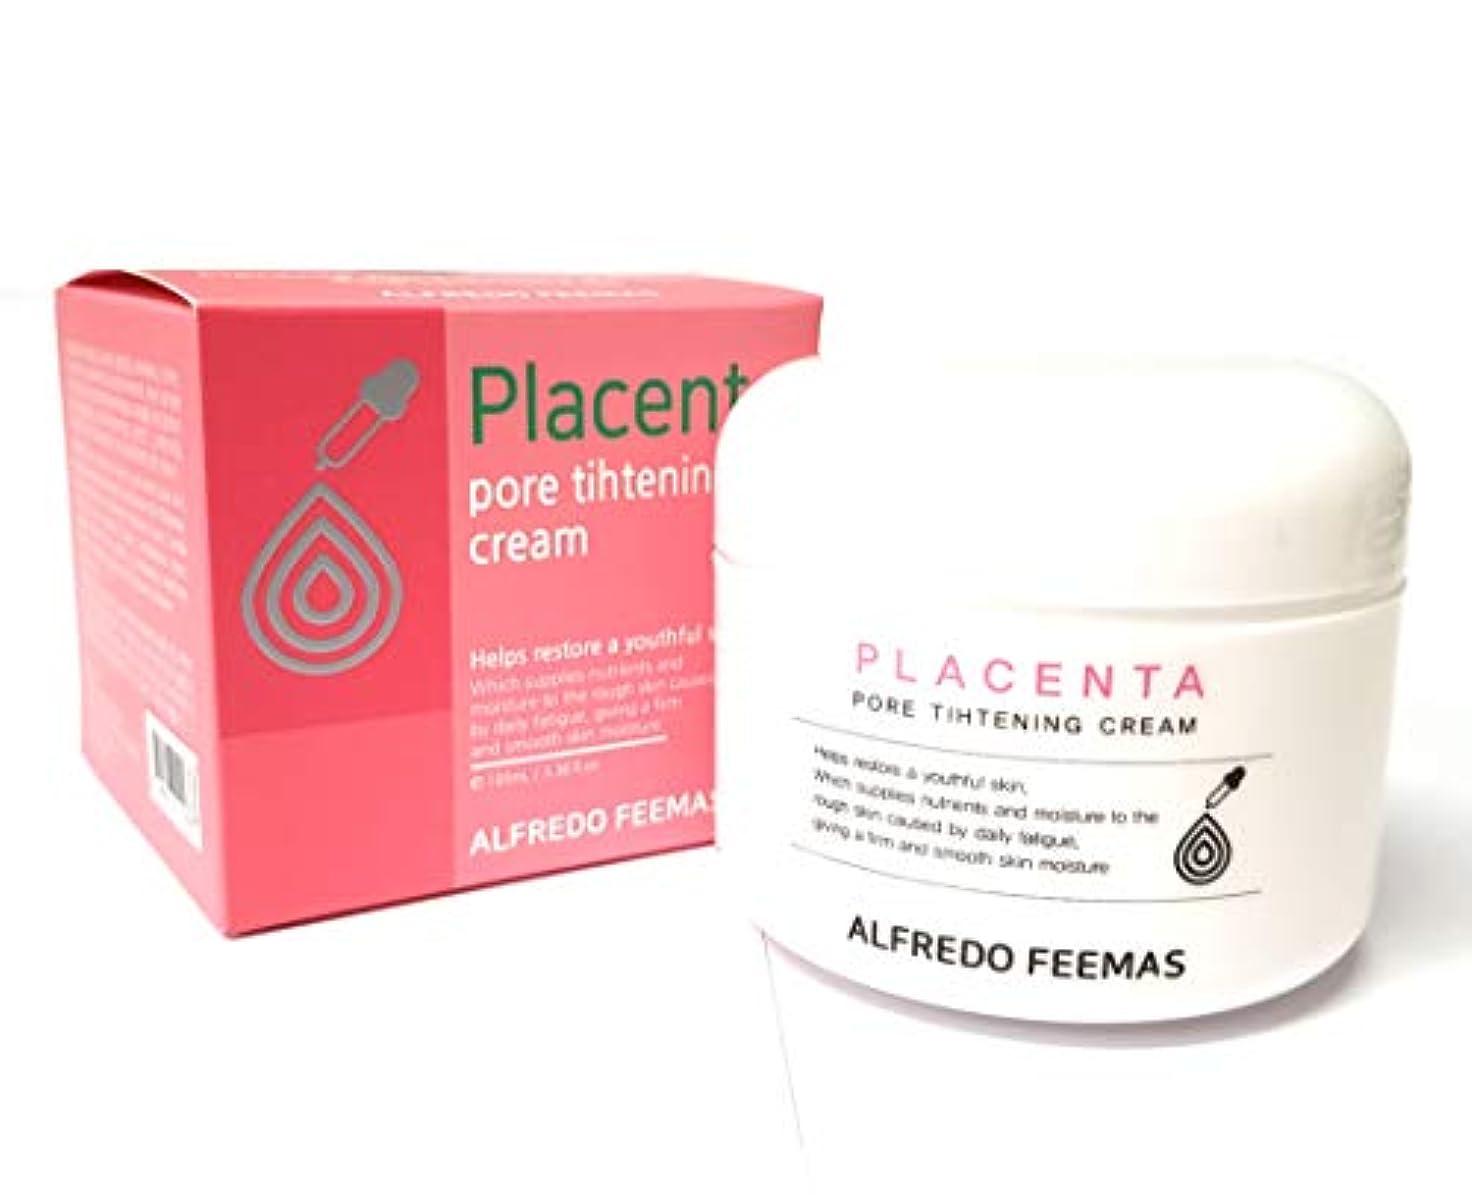 音節マキシム責任者[ALFREDO FEEMAS] ポア引き締めクリーム100ml / Pore tightening cream100ml / ポアケア、うるおい/Pore Care,moisture/韓国化粧品/Korean Cosmetics [並行輸入品]